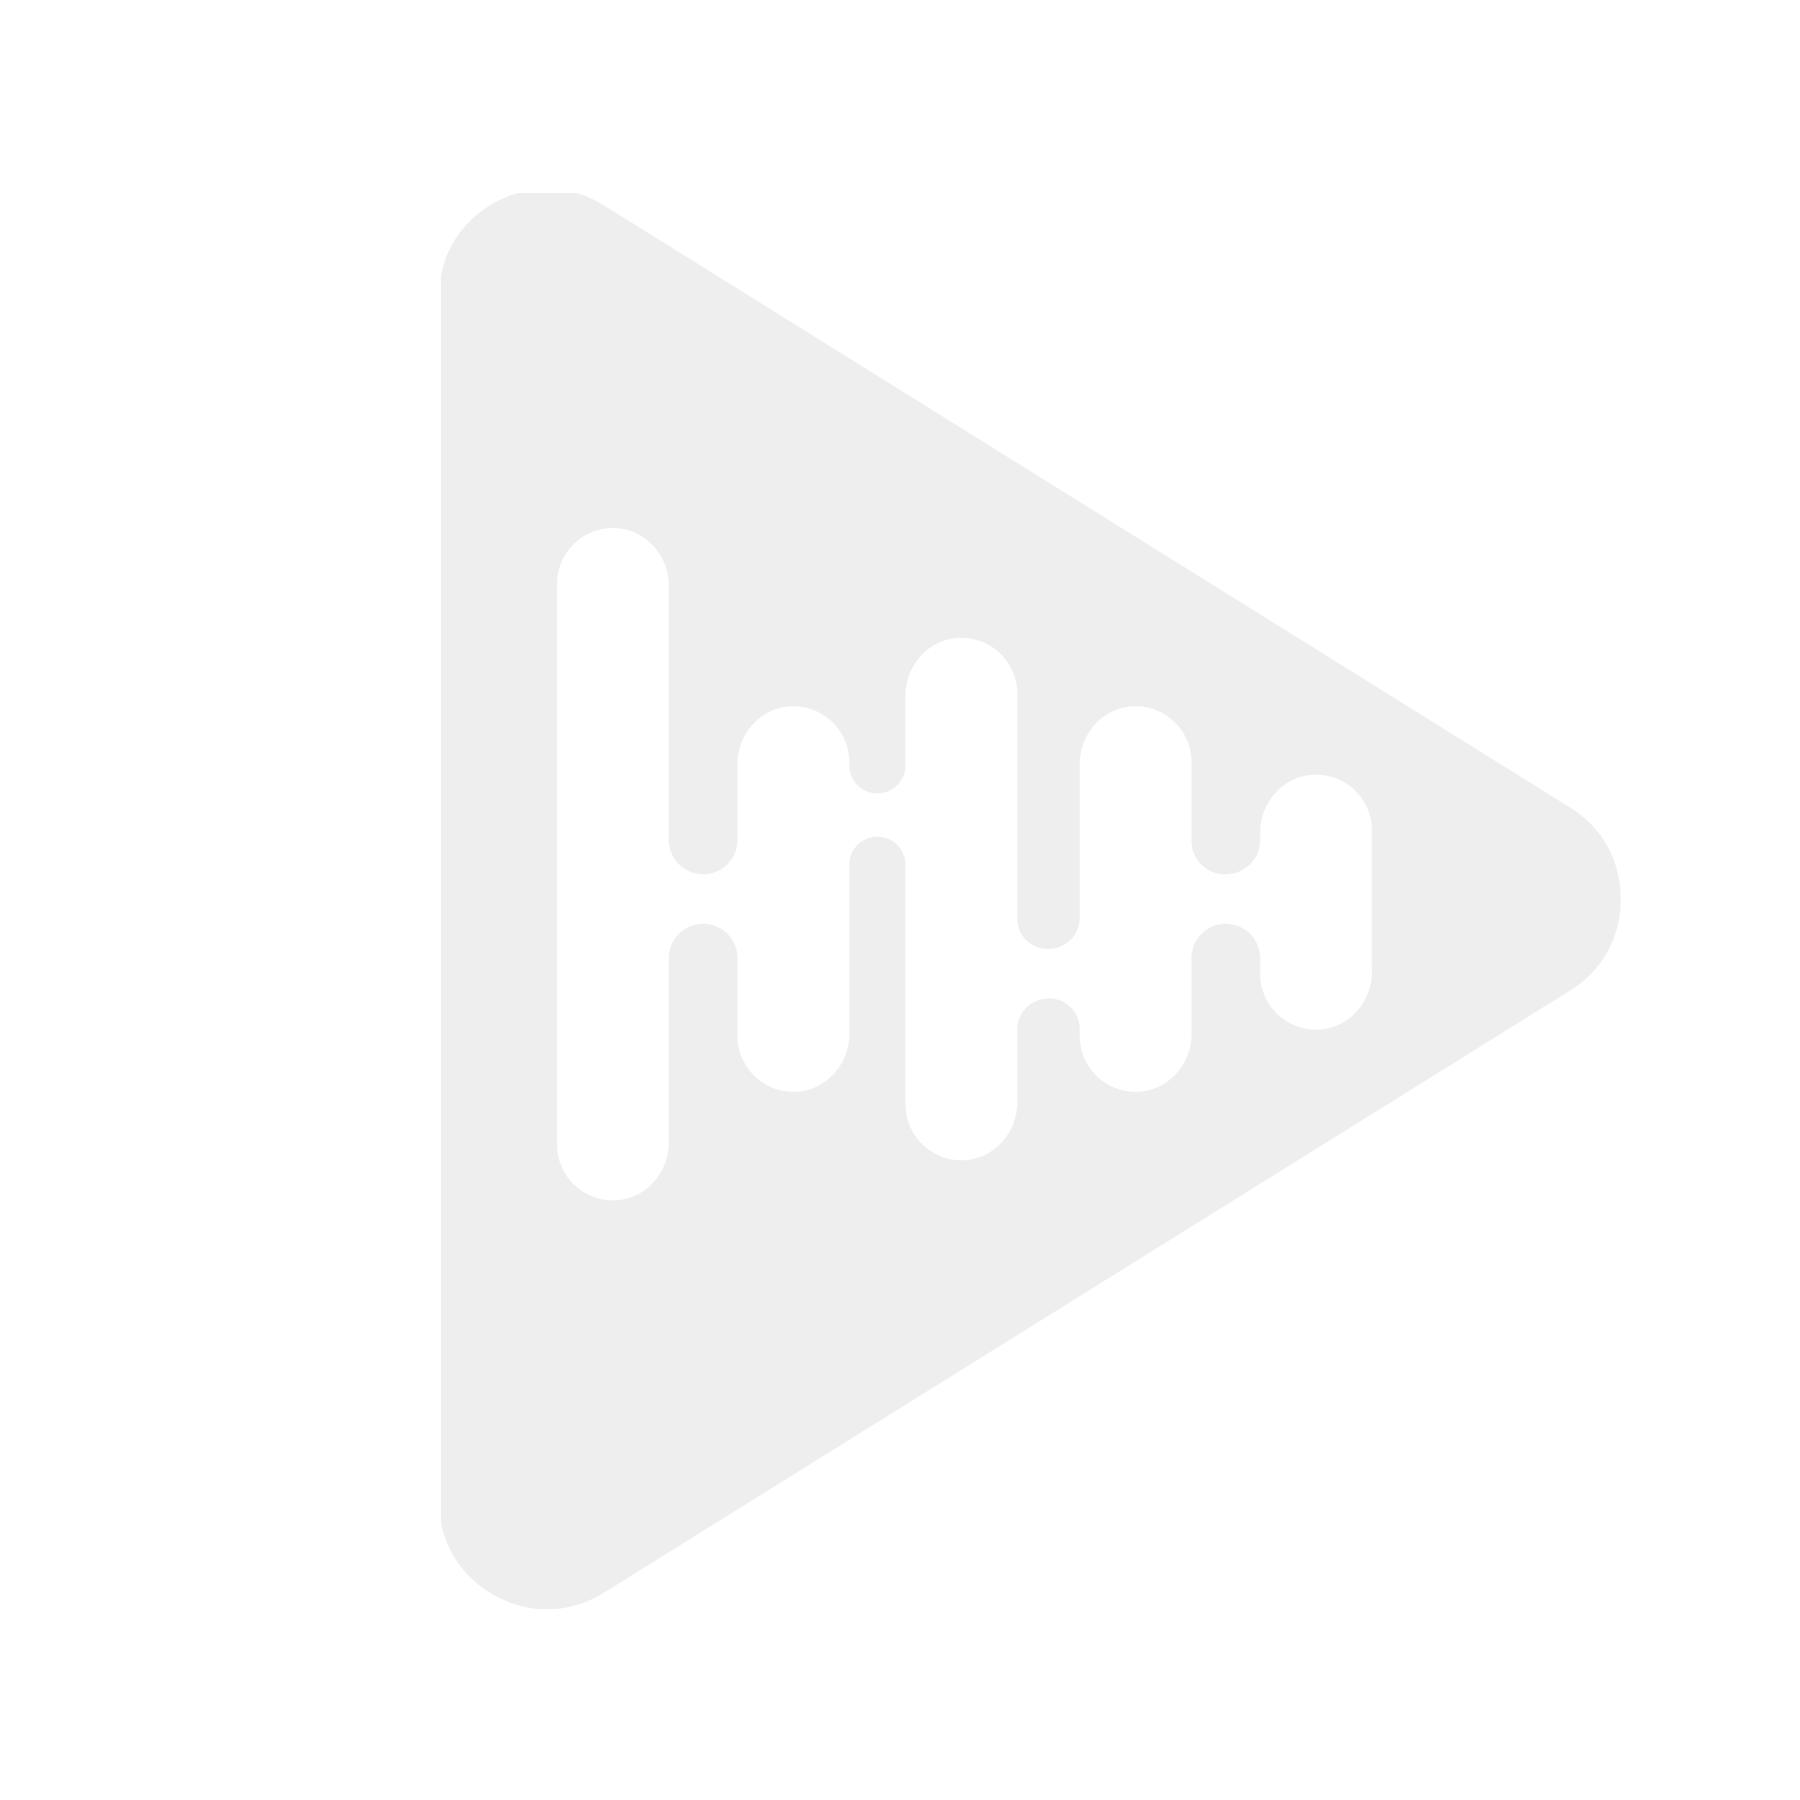 Kufatec Fiscon 36431-1